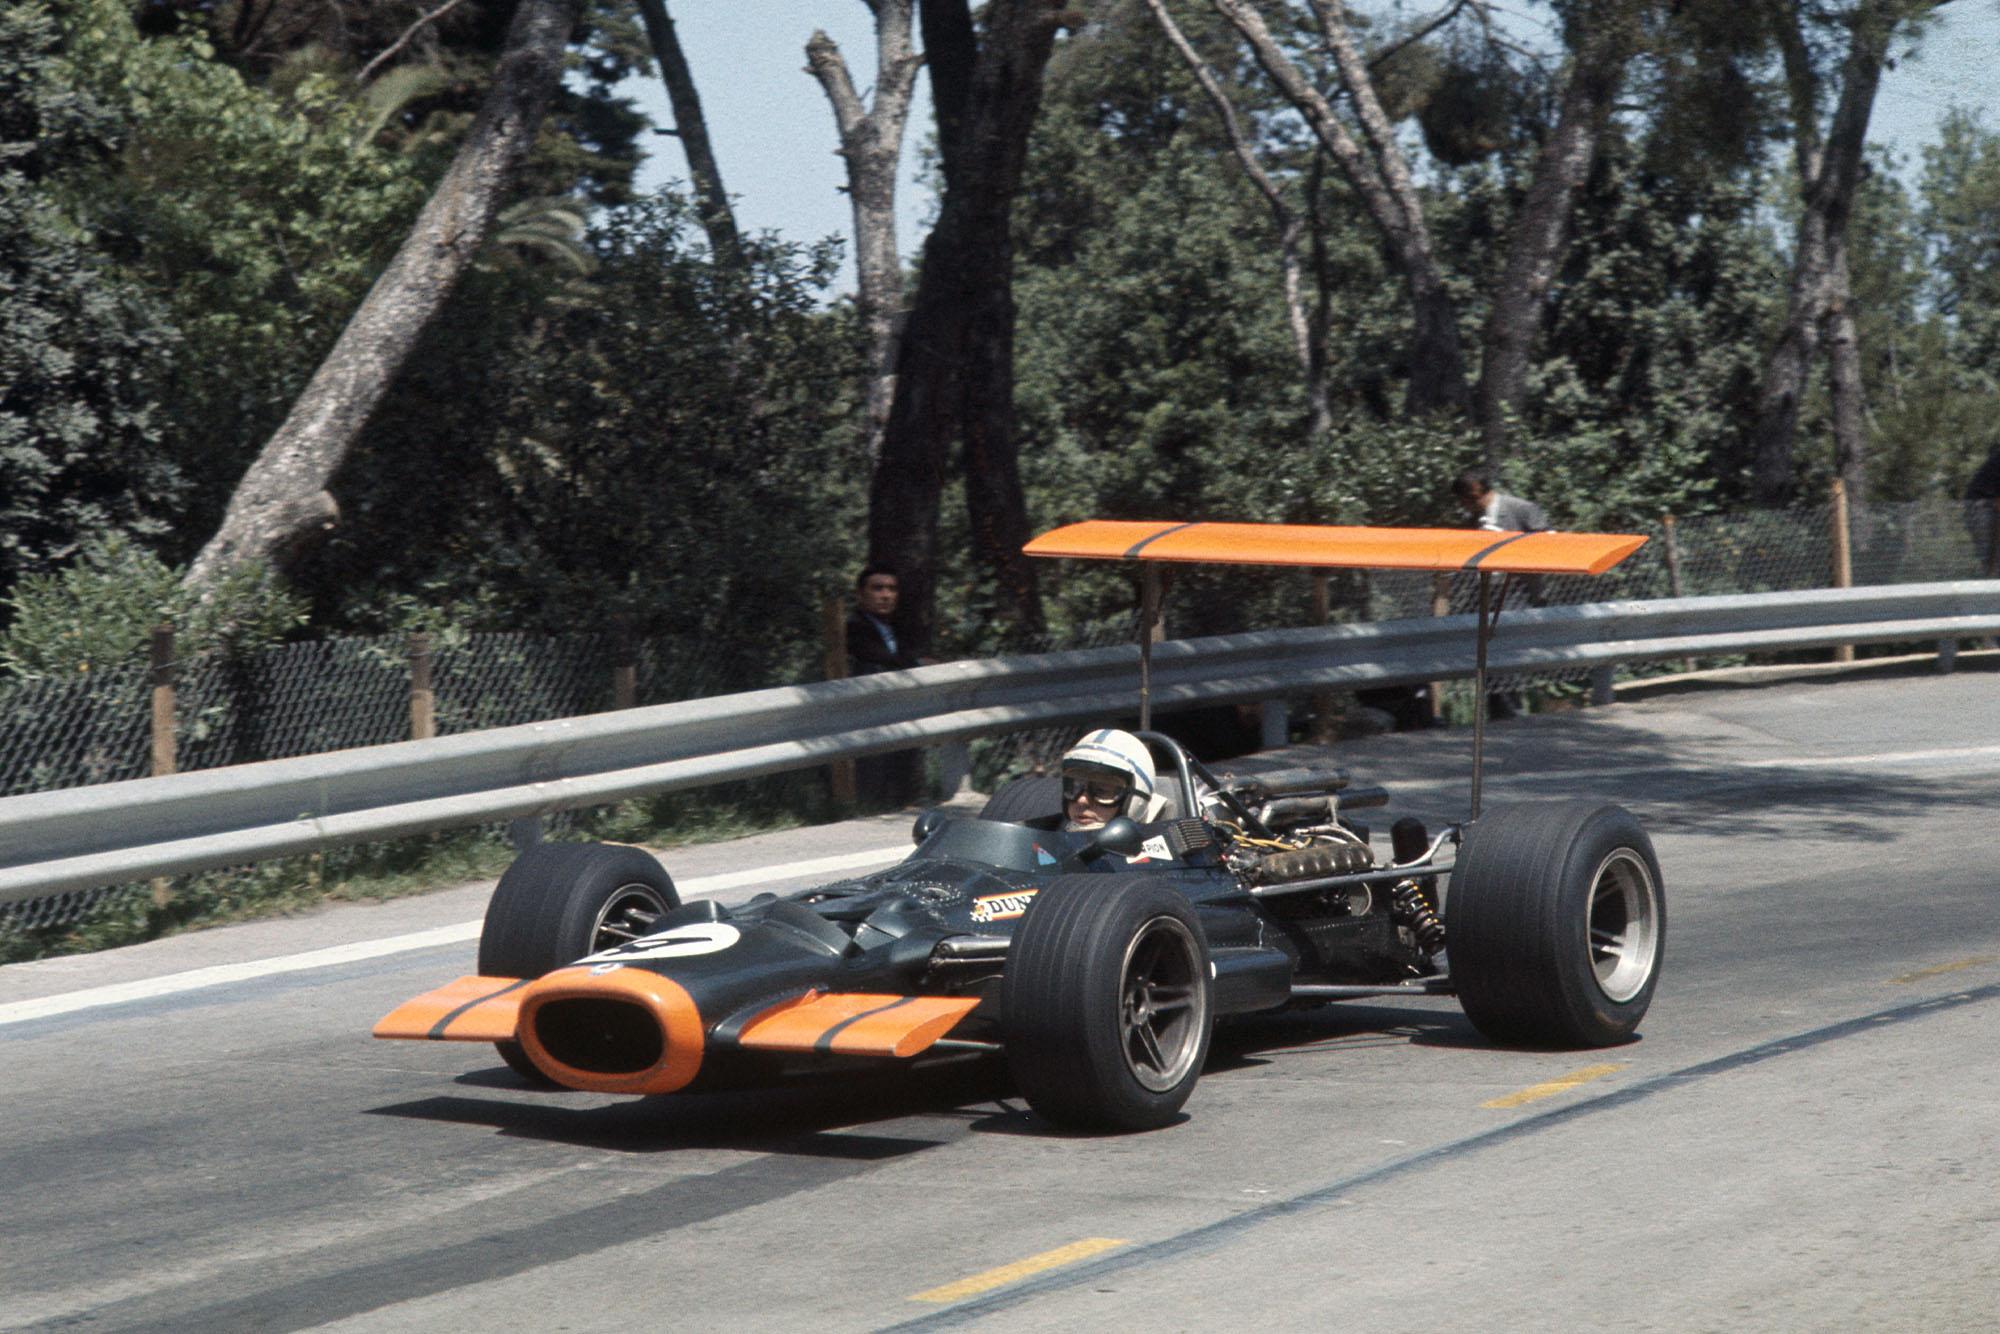 John Surtees in his BRM